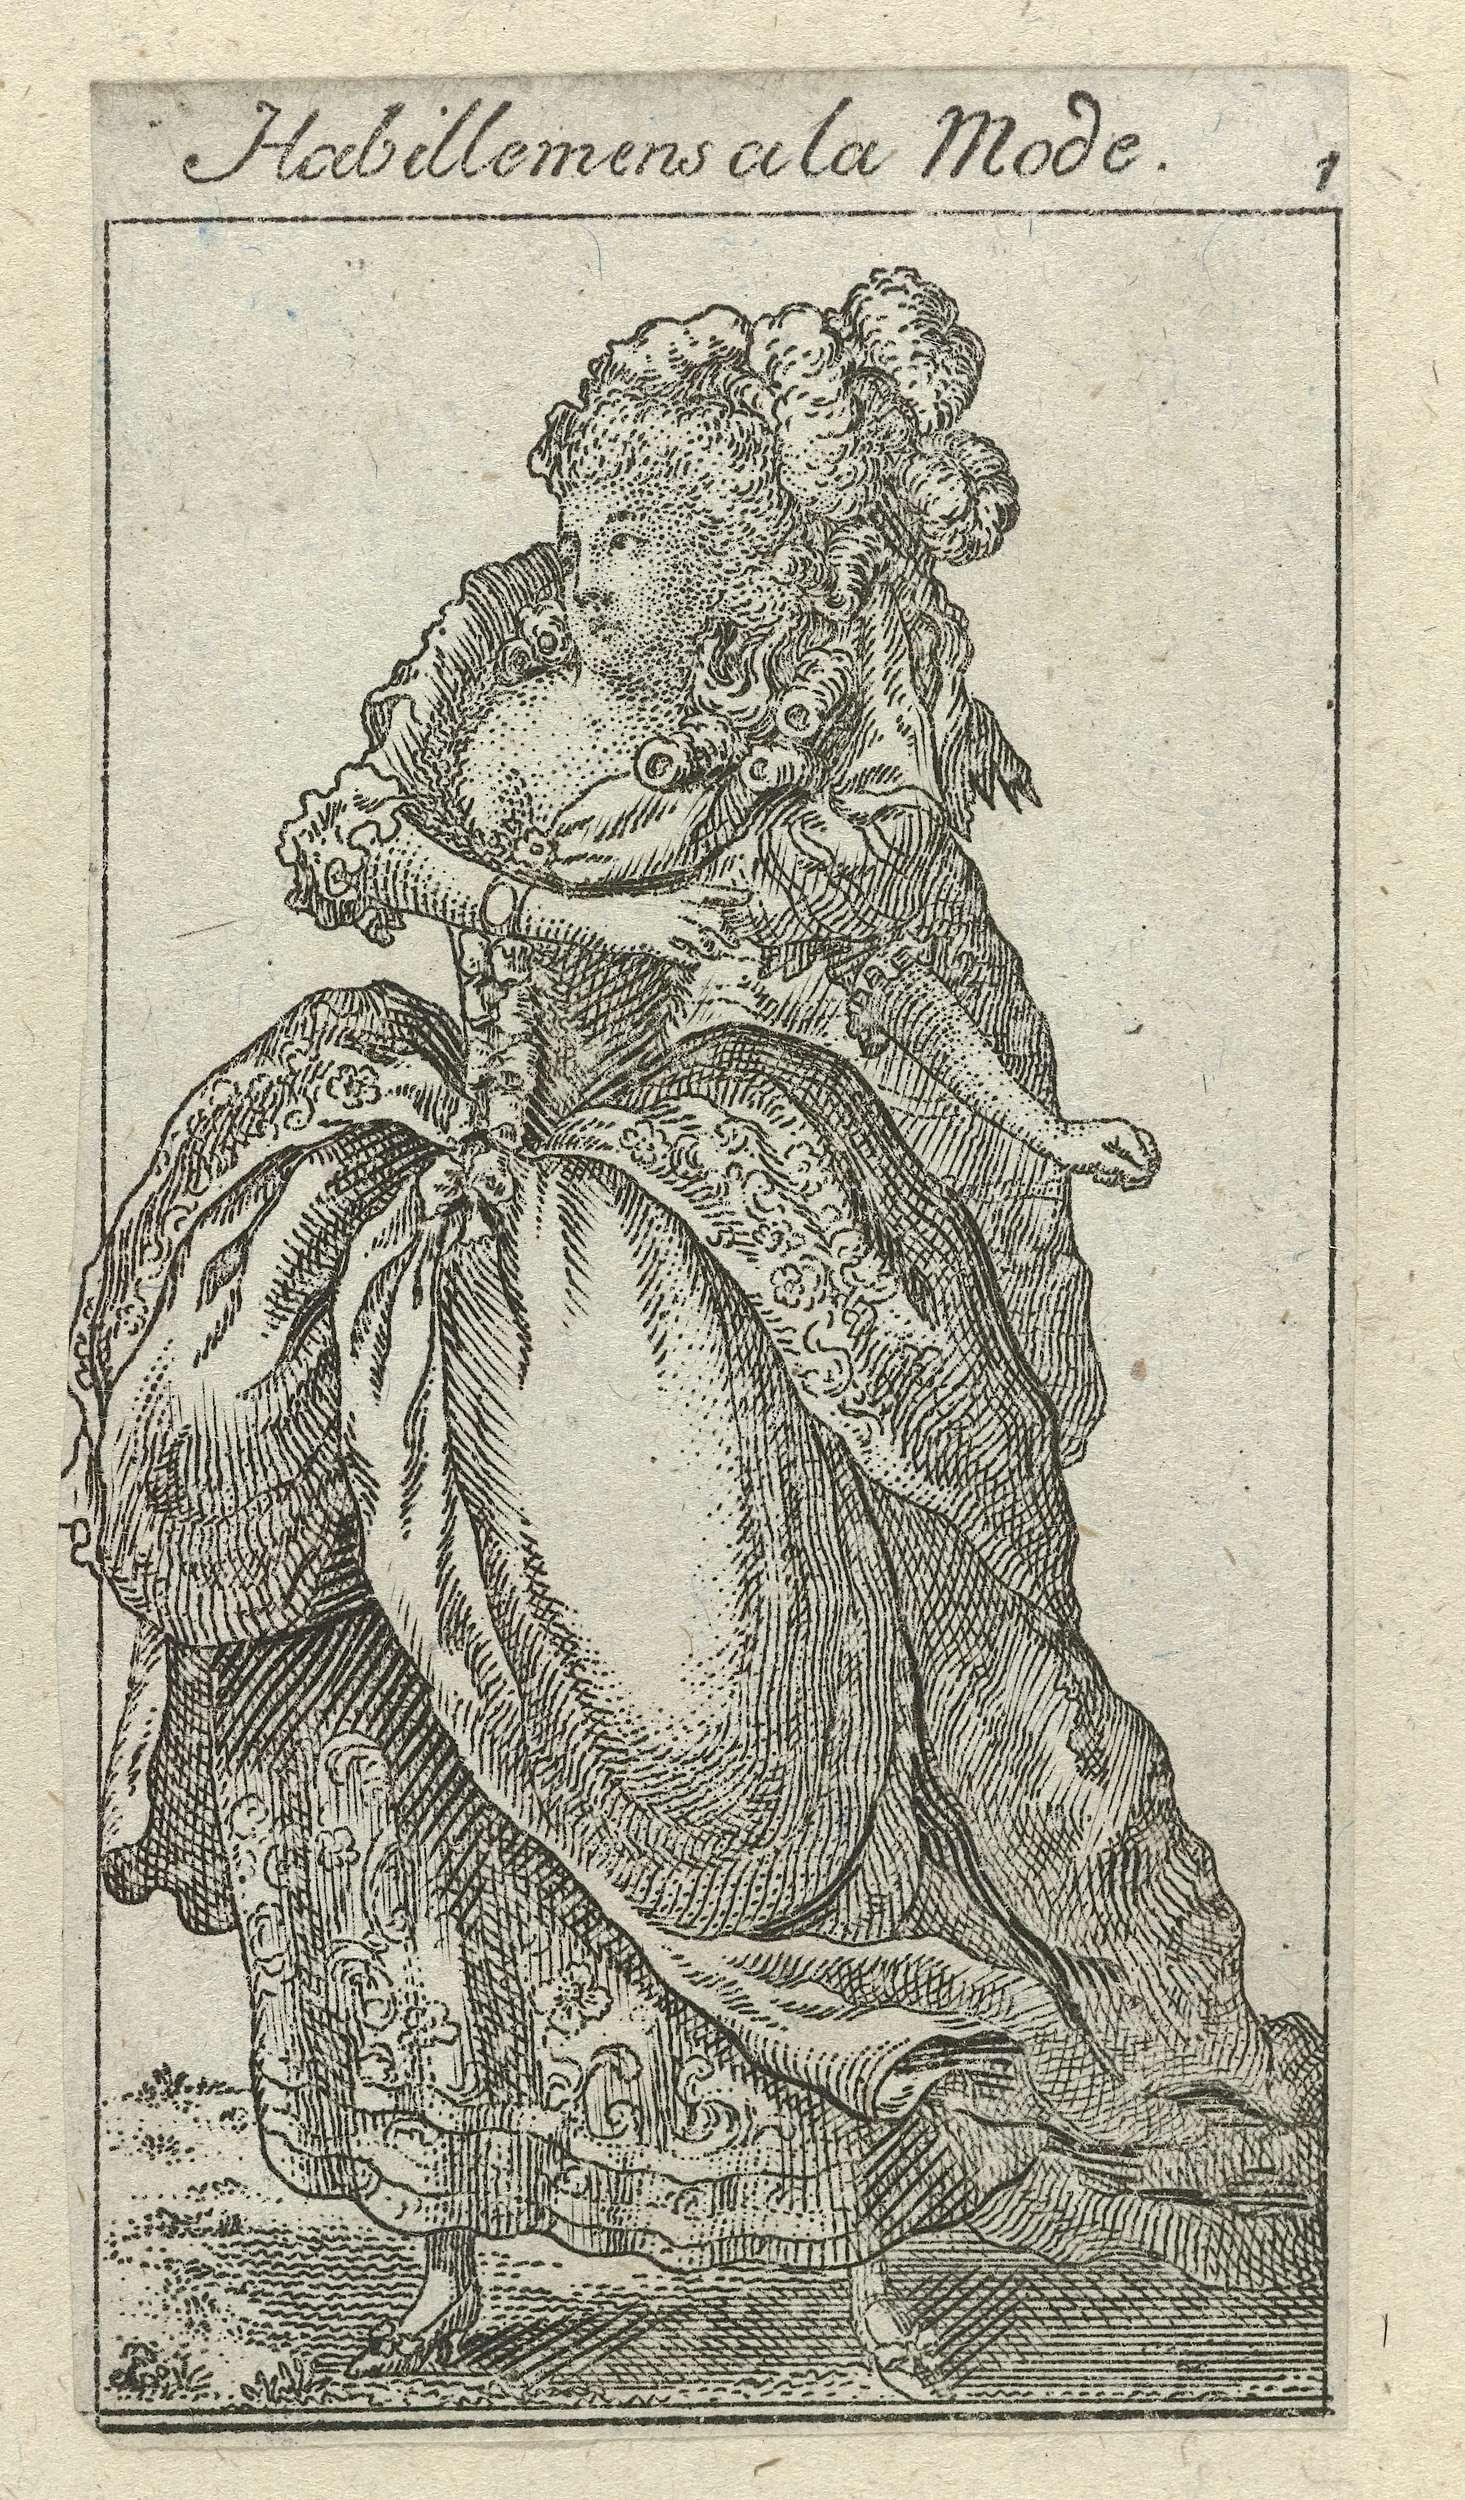 Anonymous   Almanakprentje uit Habillemens a la Mode. 1784-1785, No. 1, Anonymous, 1784 - 1785   Staande vrouw gekleed in een japon met sleep en bloempatroon op een bijpassende rok afgezet met twee banden. Het gekrulde haar is versierd met veren. Accessoires: armband, schoenen met hakken en strikken. De prent maakt deel uit van de almanak Habillemens a la Mode, 1784-1785.